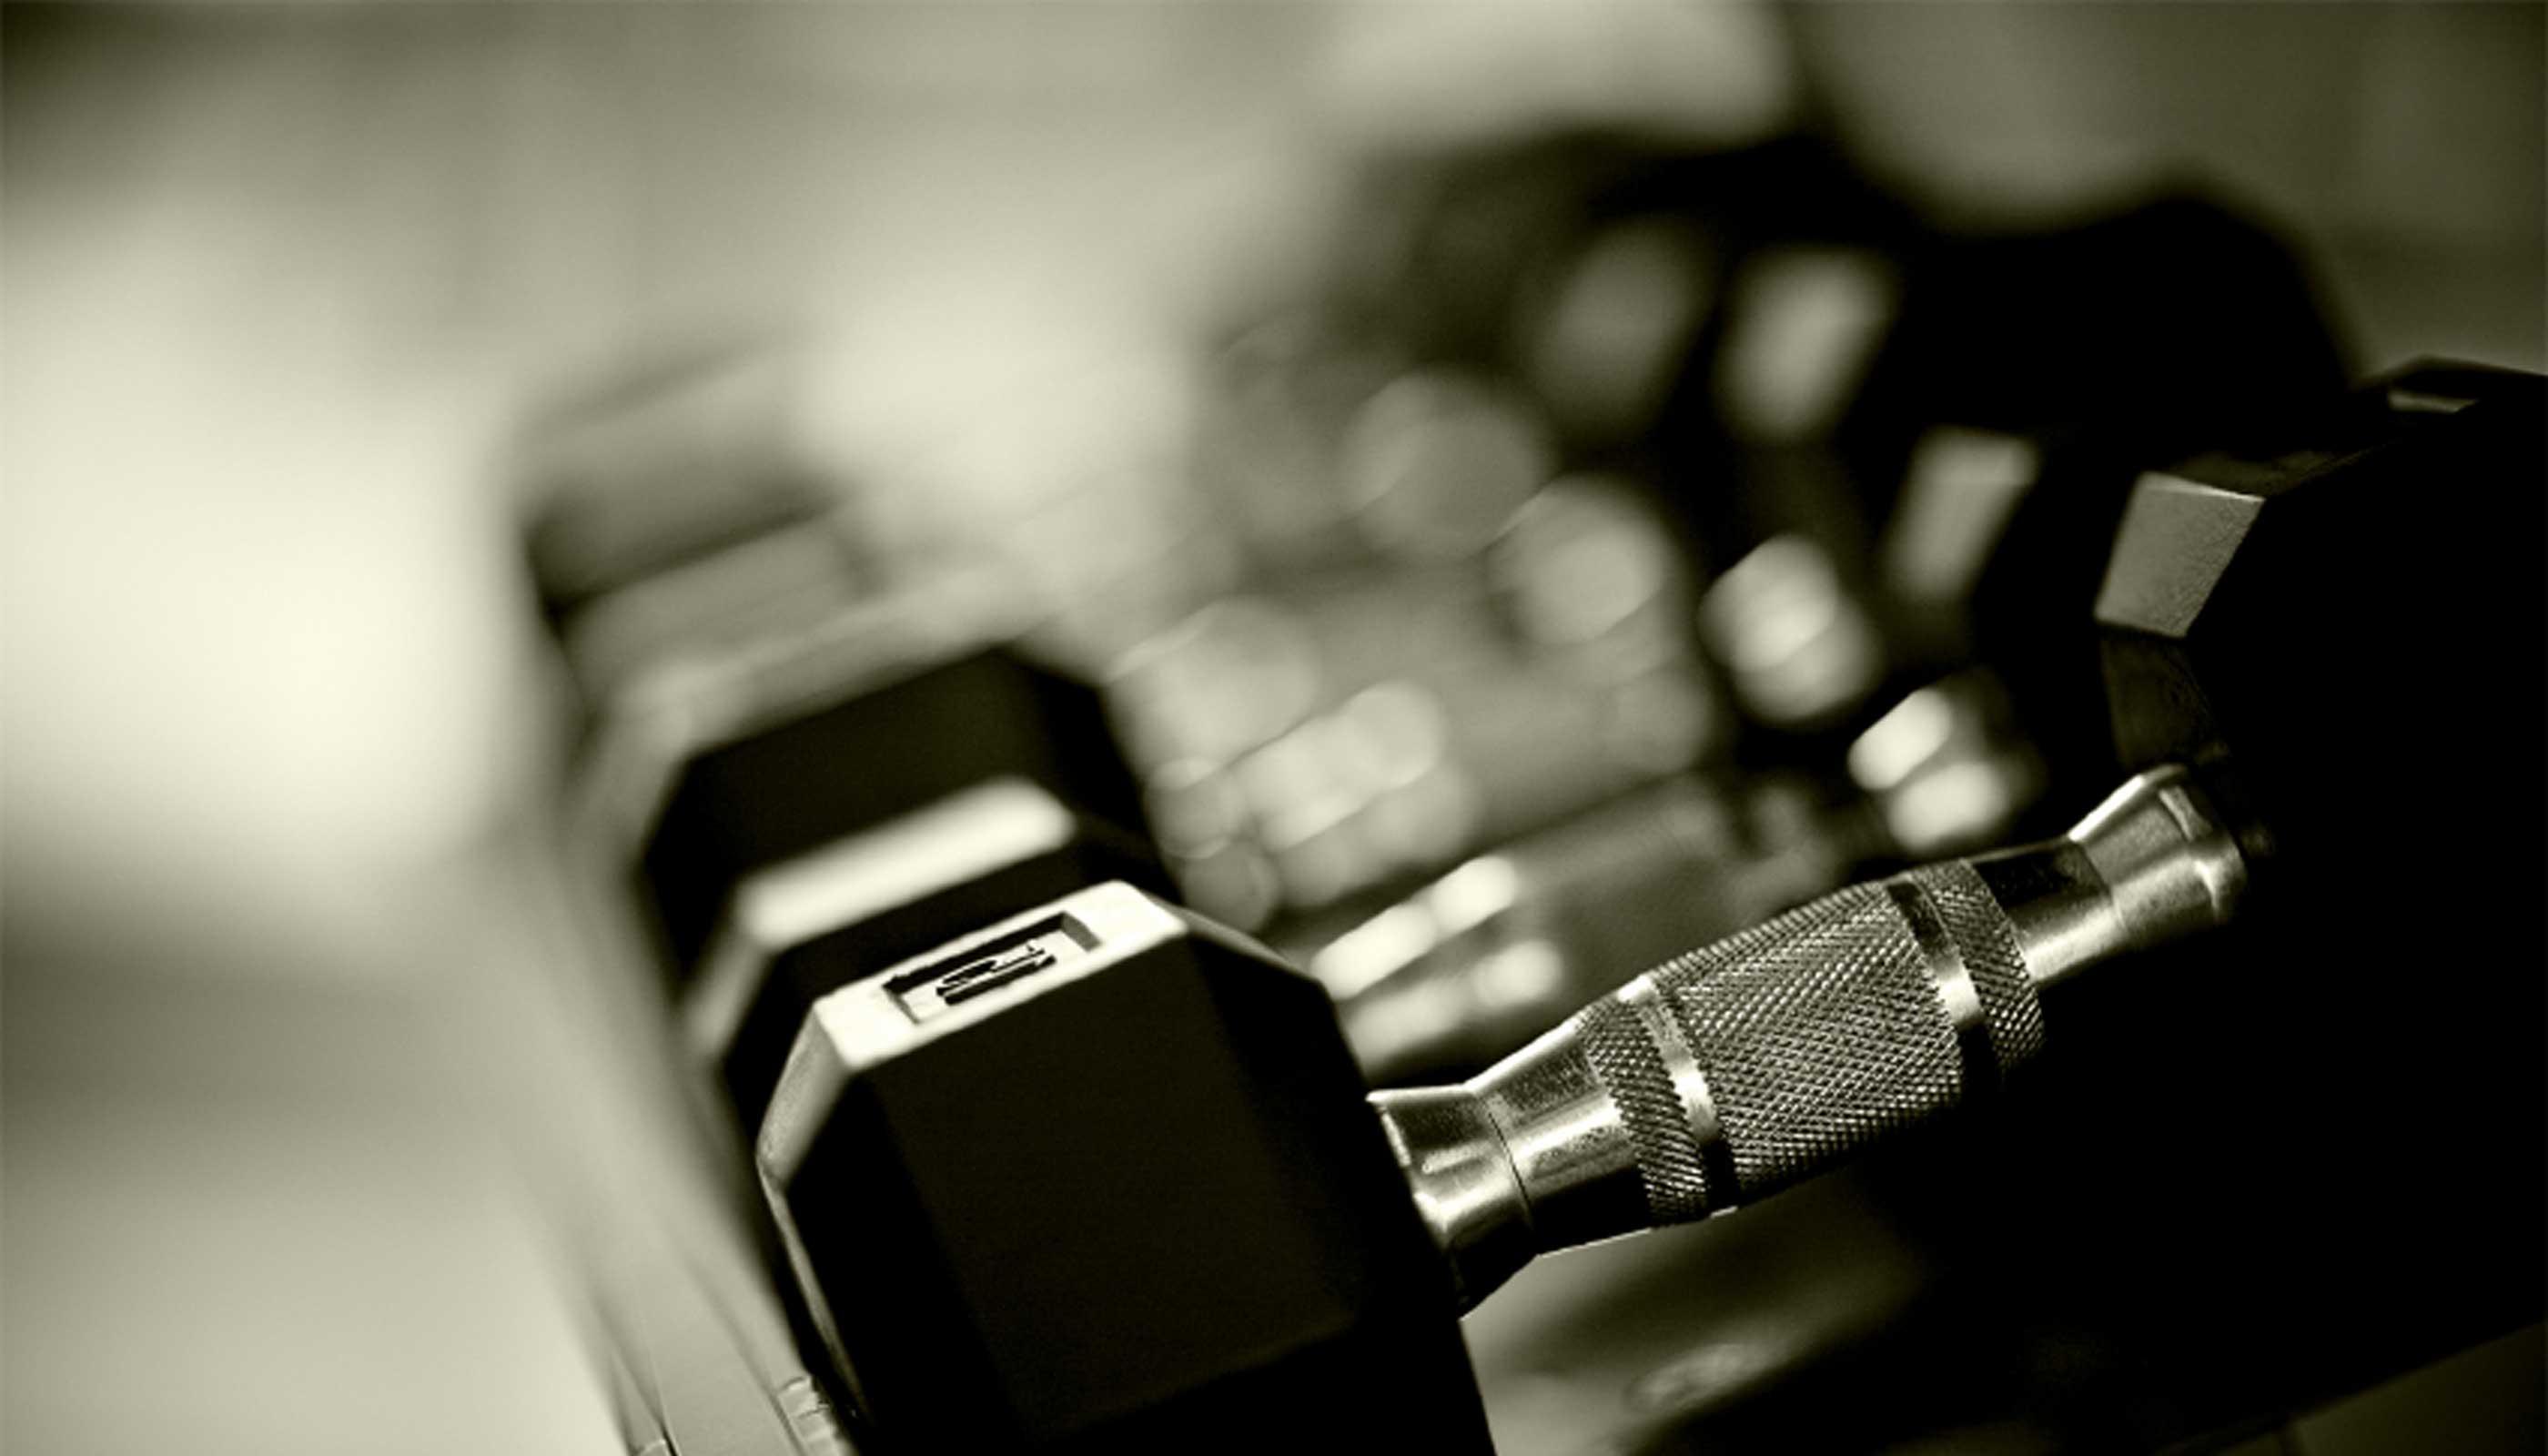 gym weights wallpaper wwwpixsharkcom images